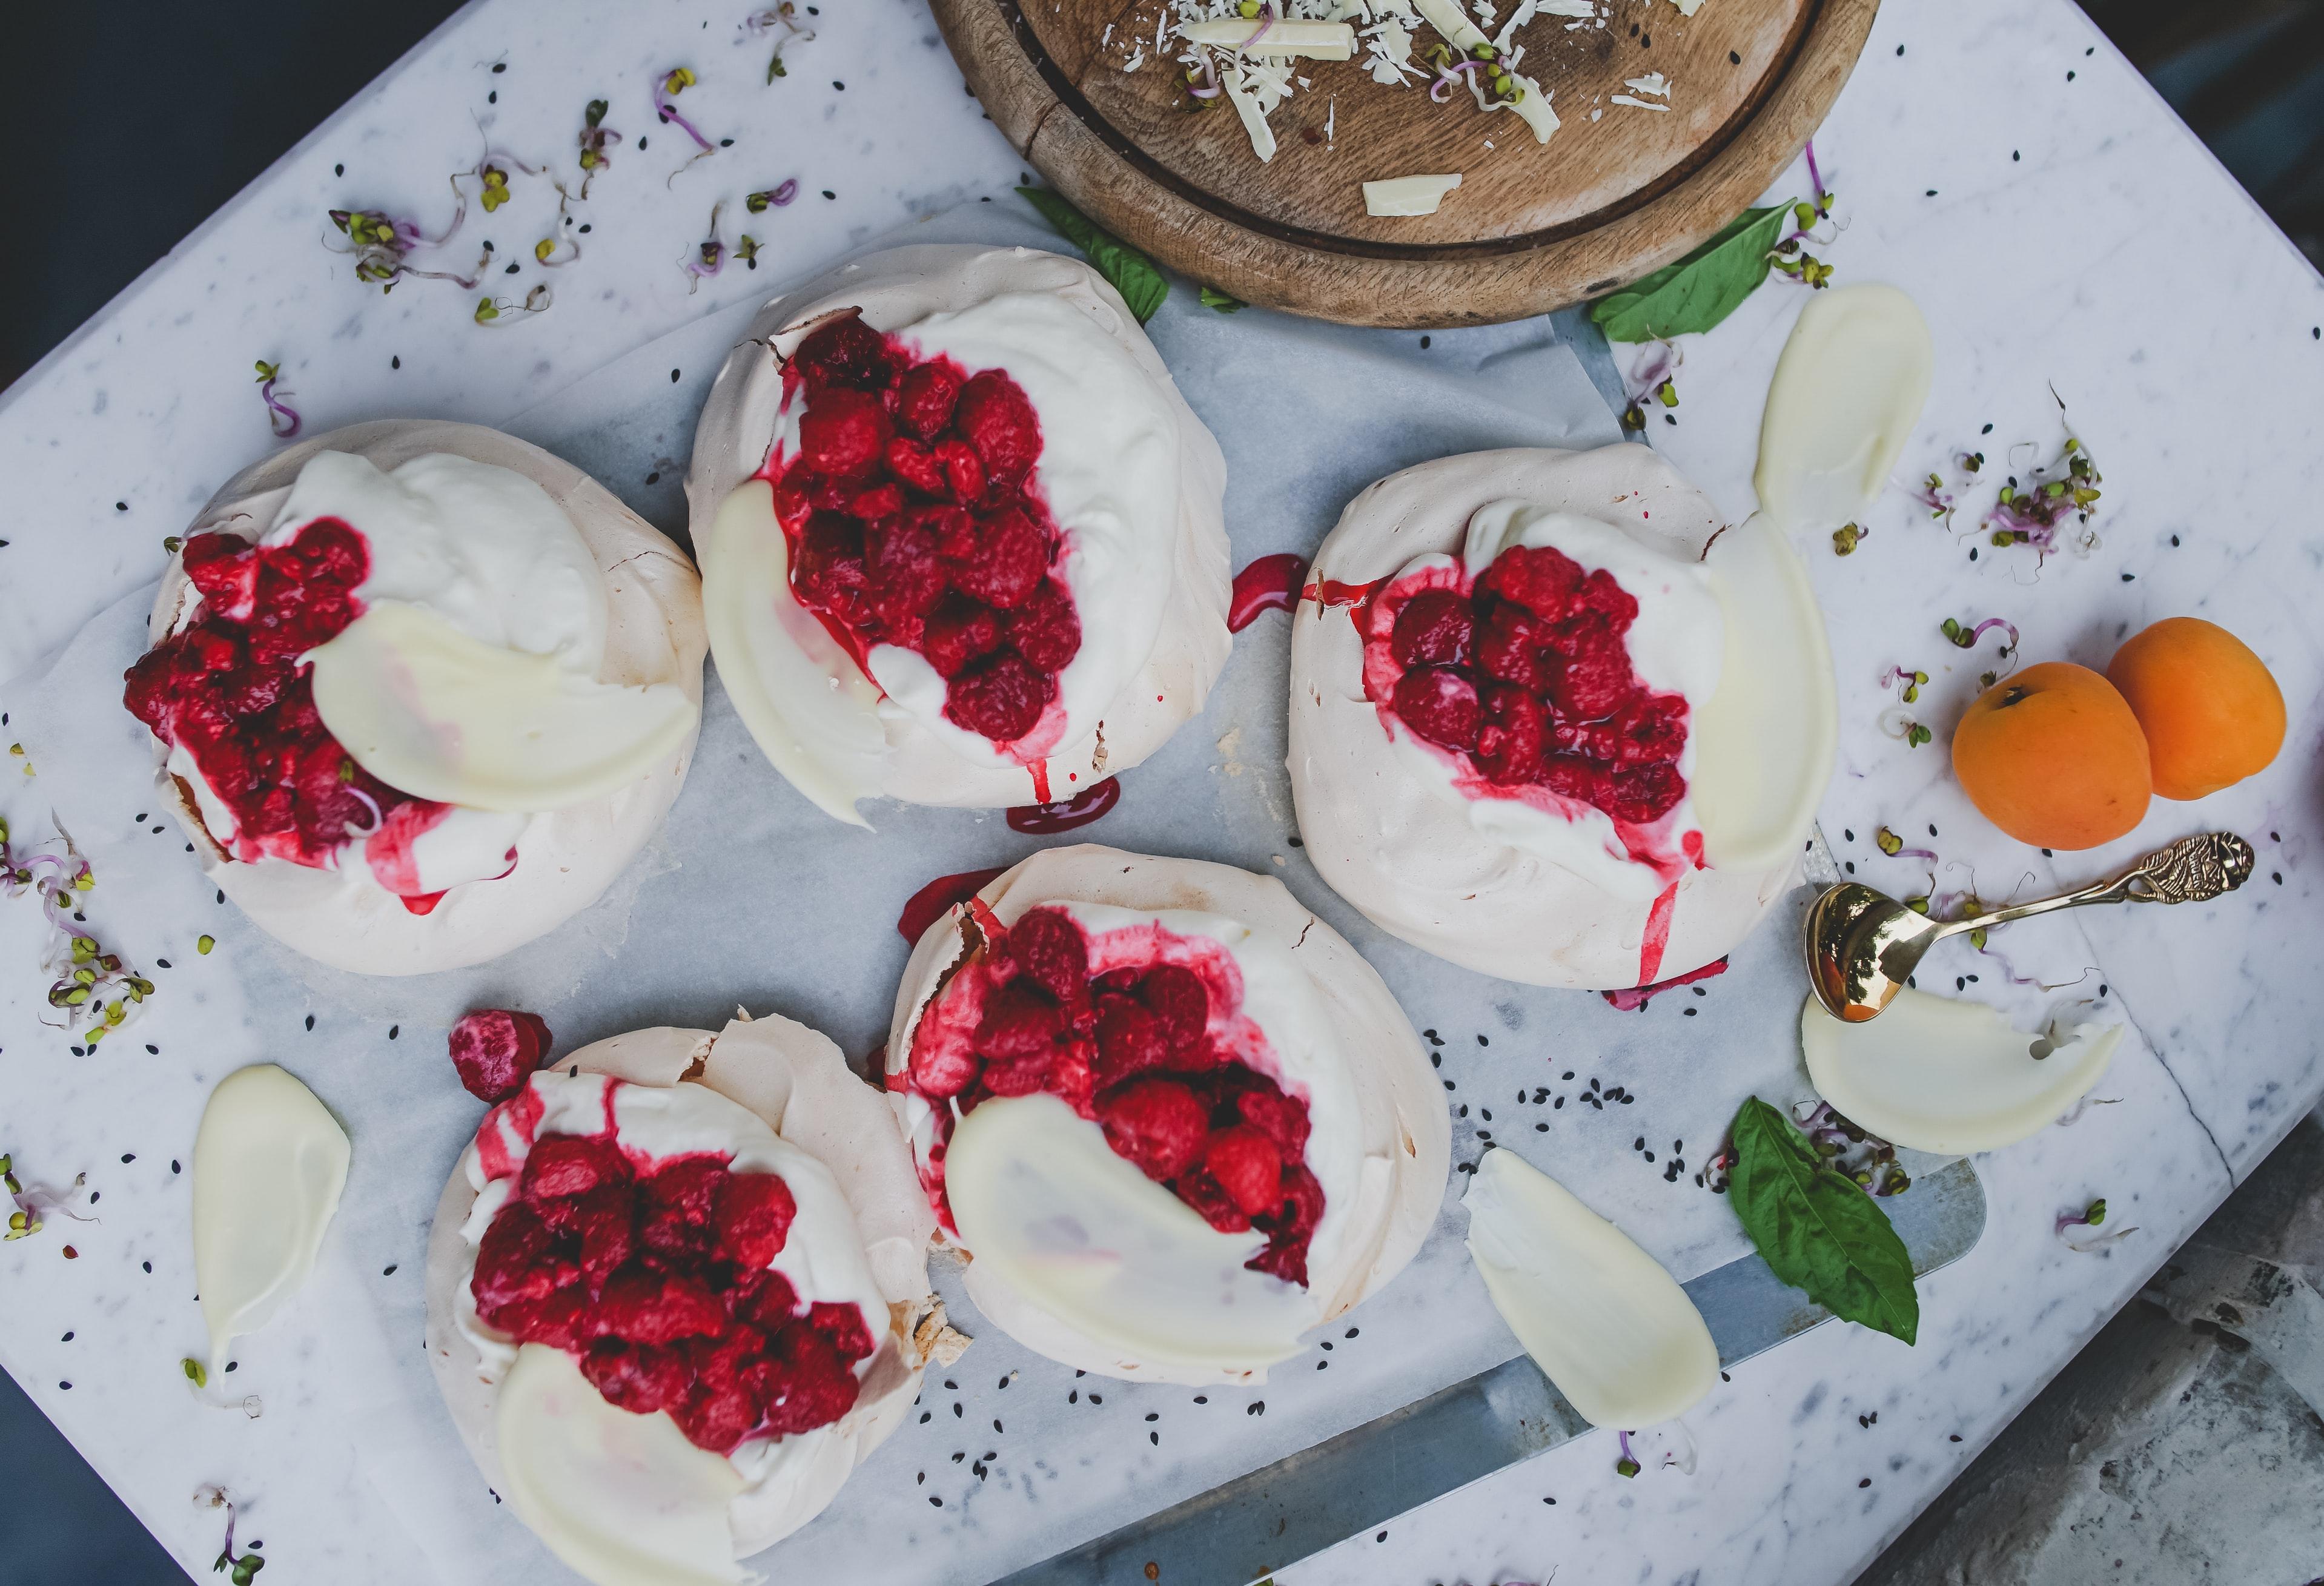 White chocolate and raspberries